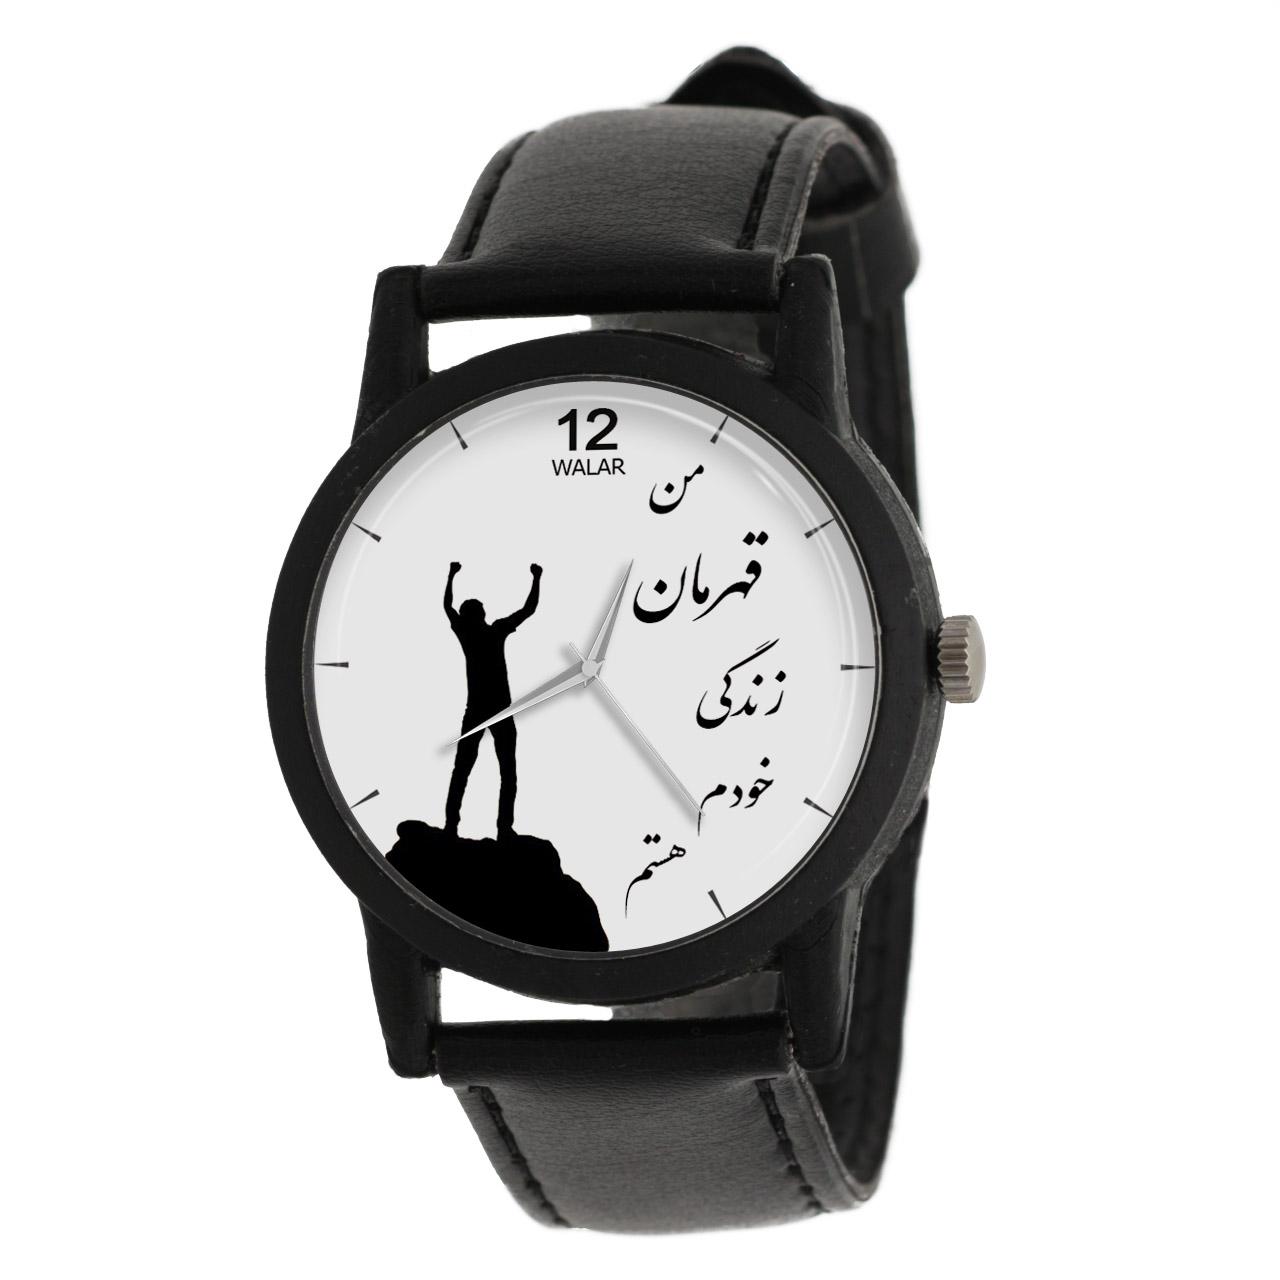 ساعت مچی عقربه ای والار مدل LF1282